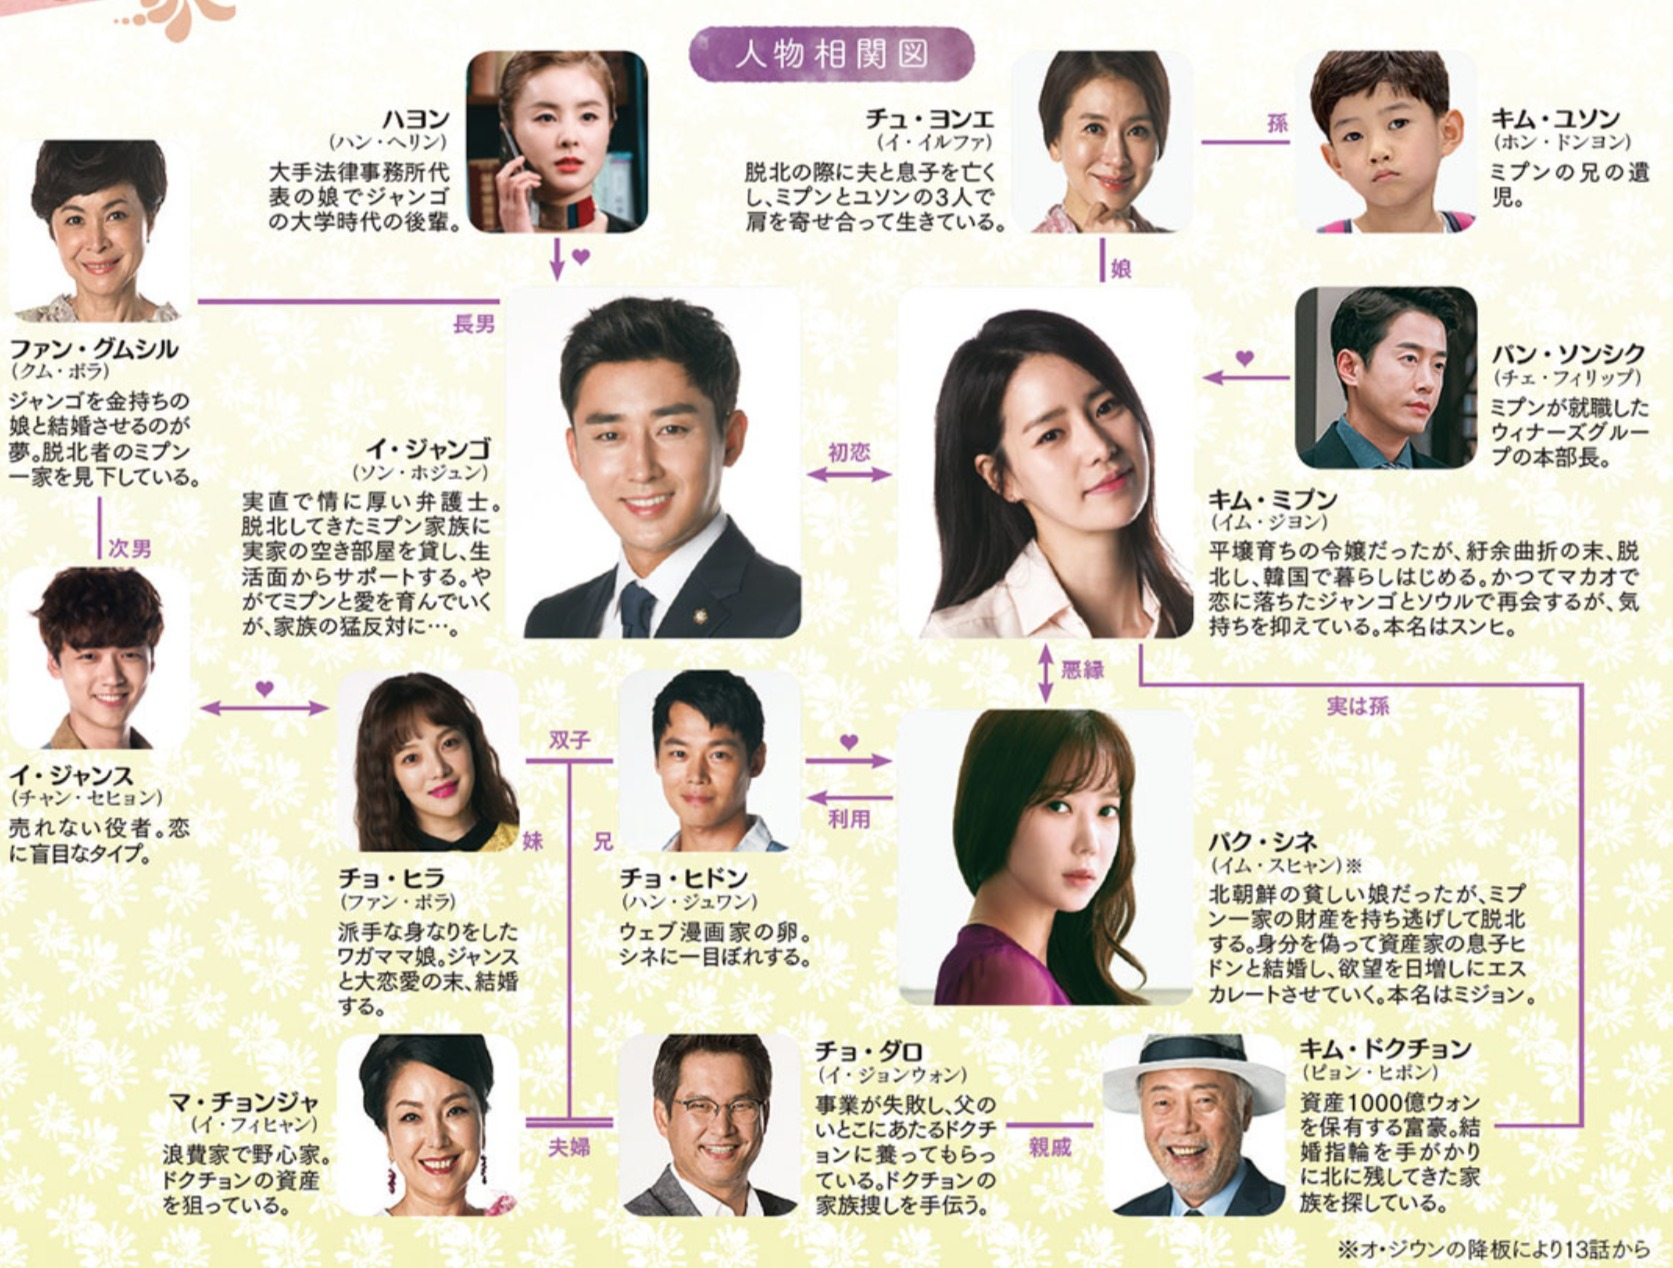 韓国ドラマ『吹けよ、ミプン』登場人物相関図(関係図)